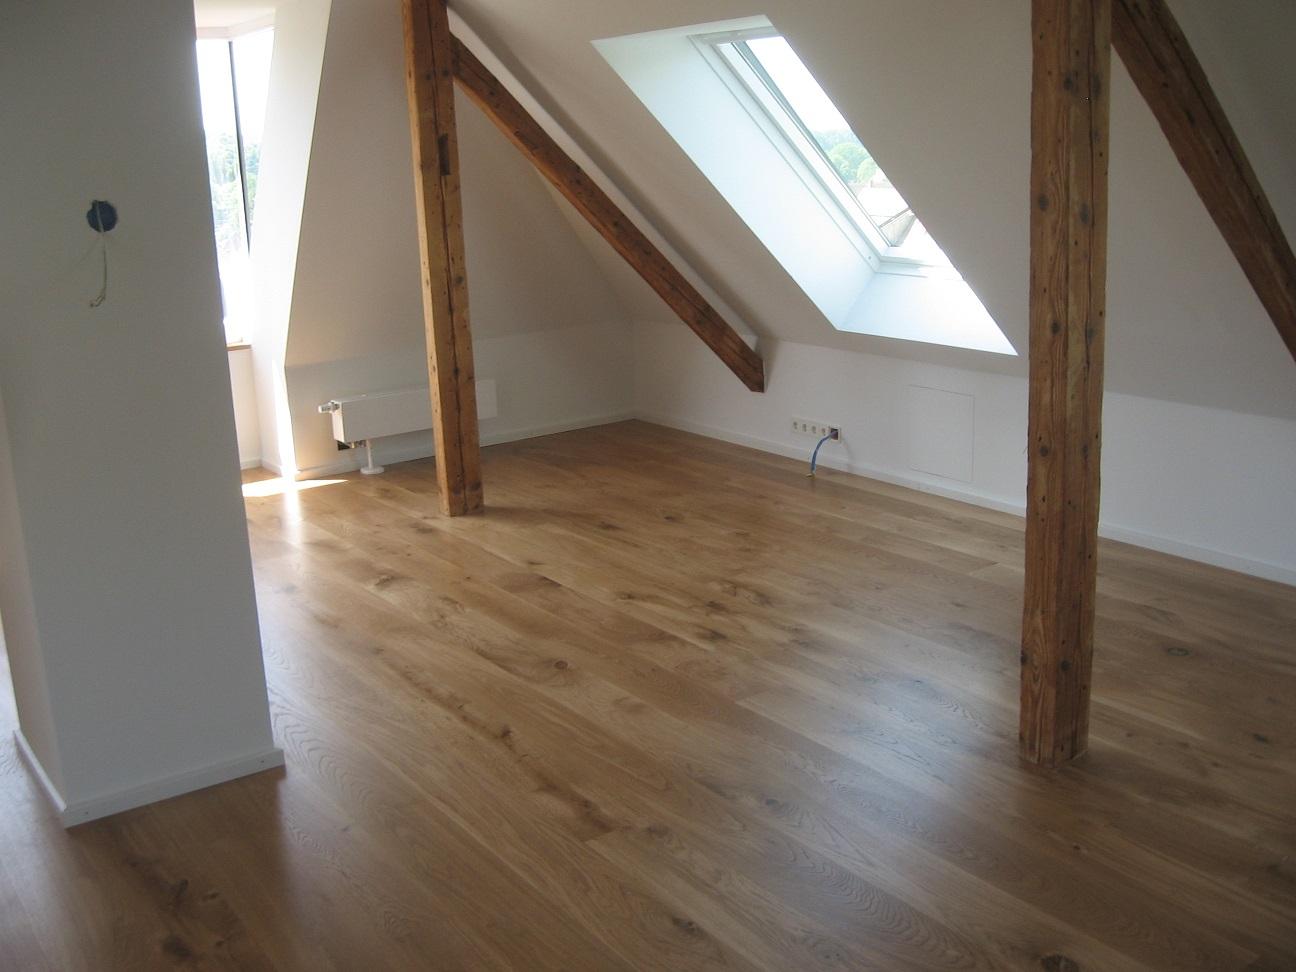 dielenboden eiche 3 kunz holzb den. Black Bedroom Furniture Sets. Home Design Ideas